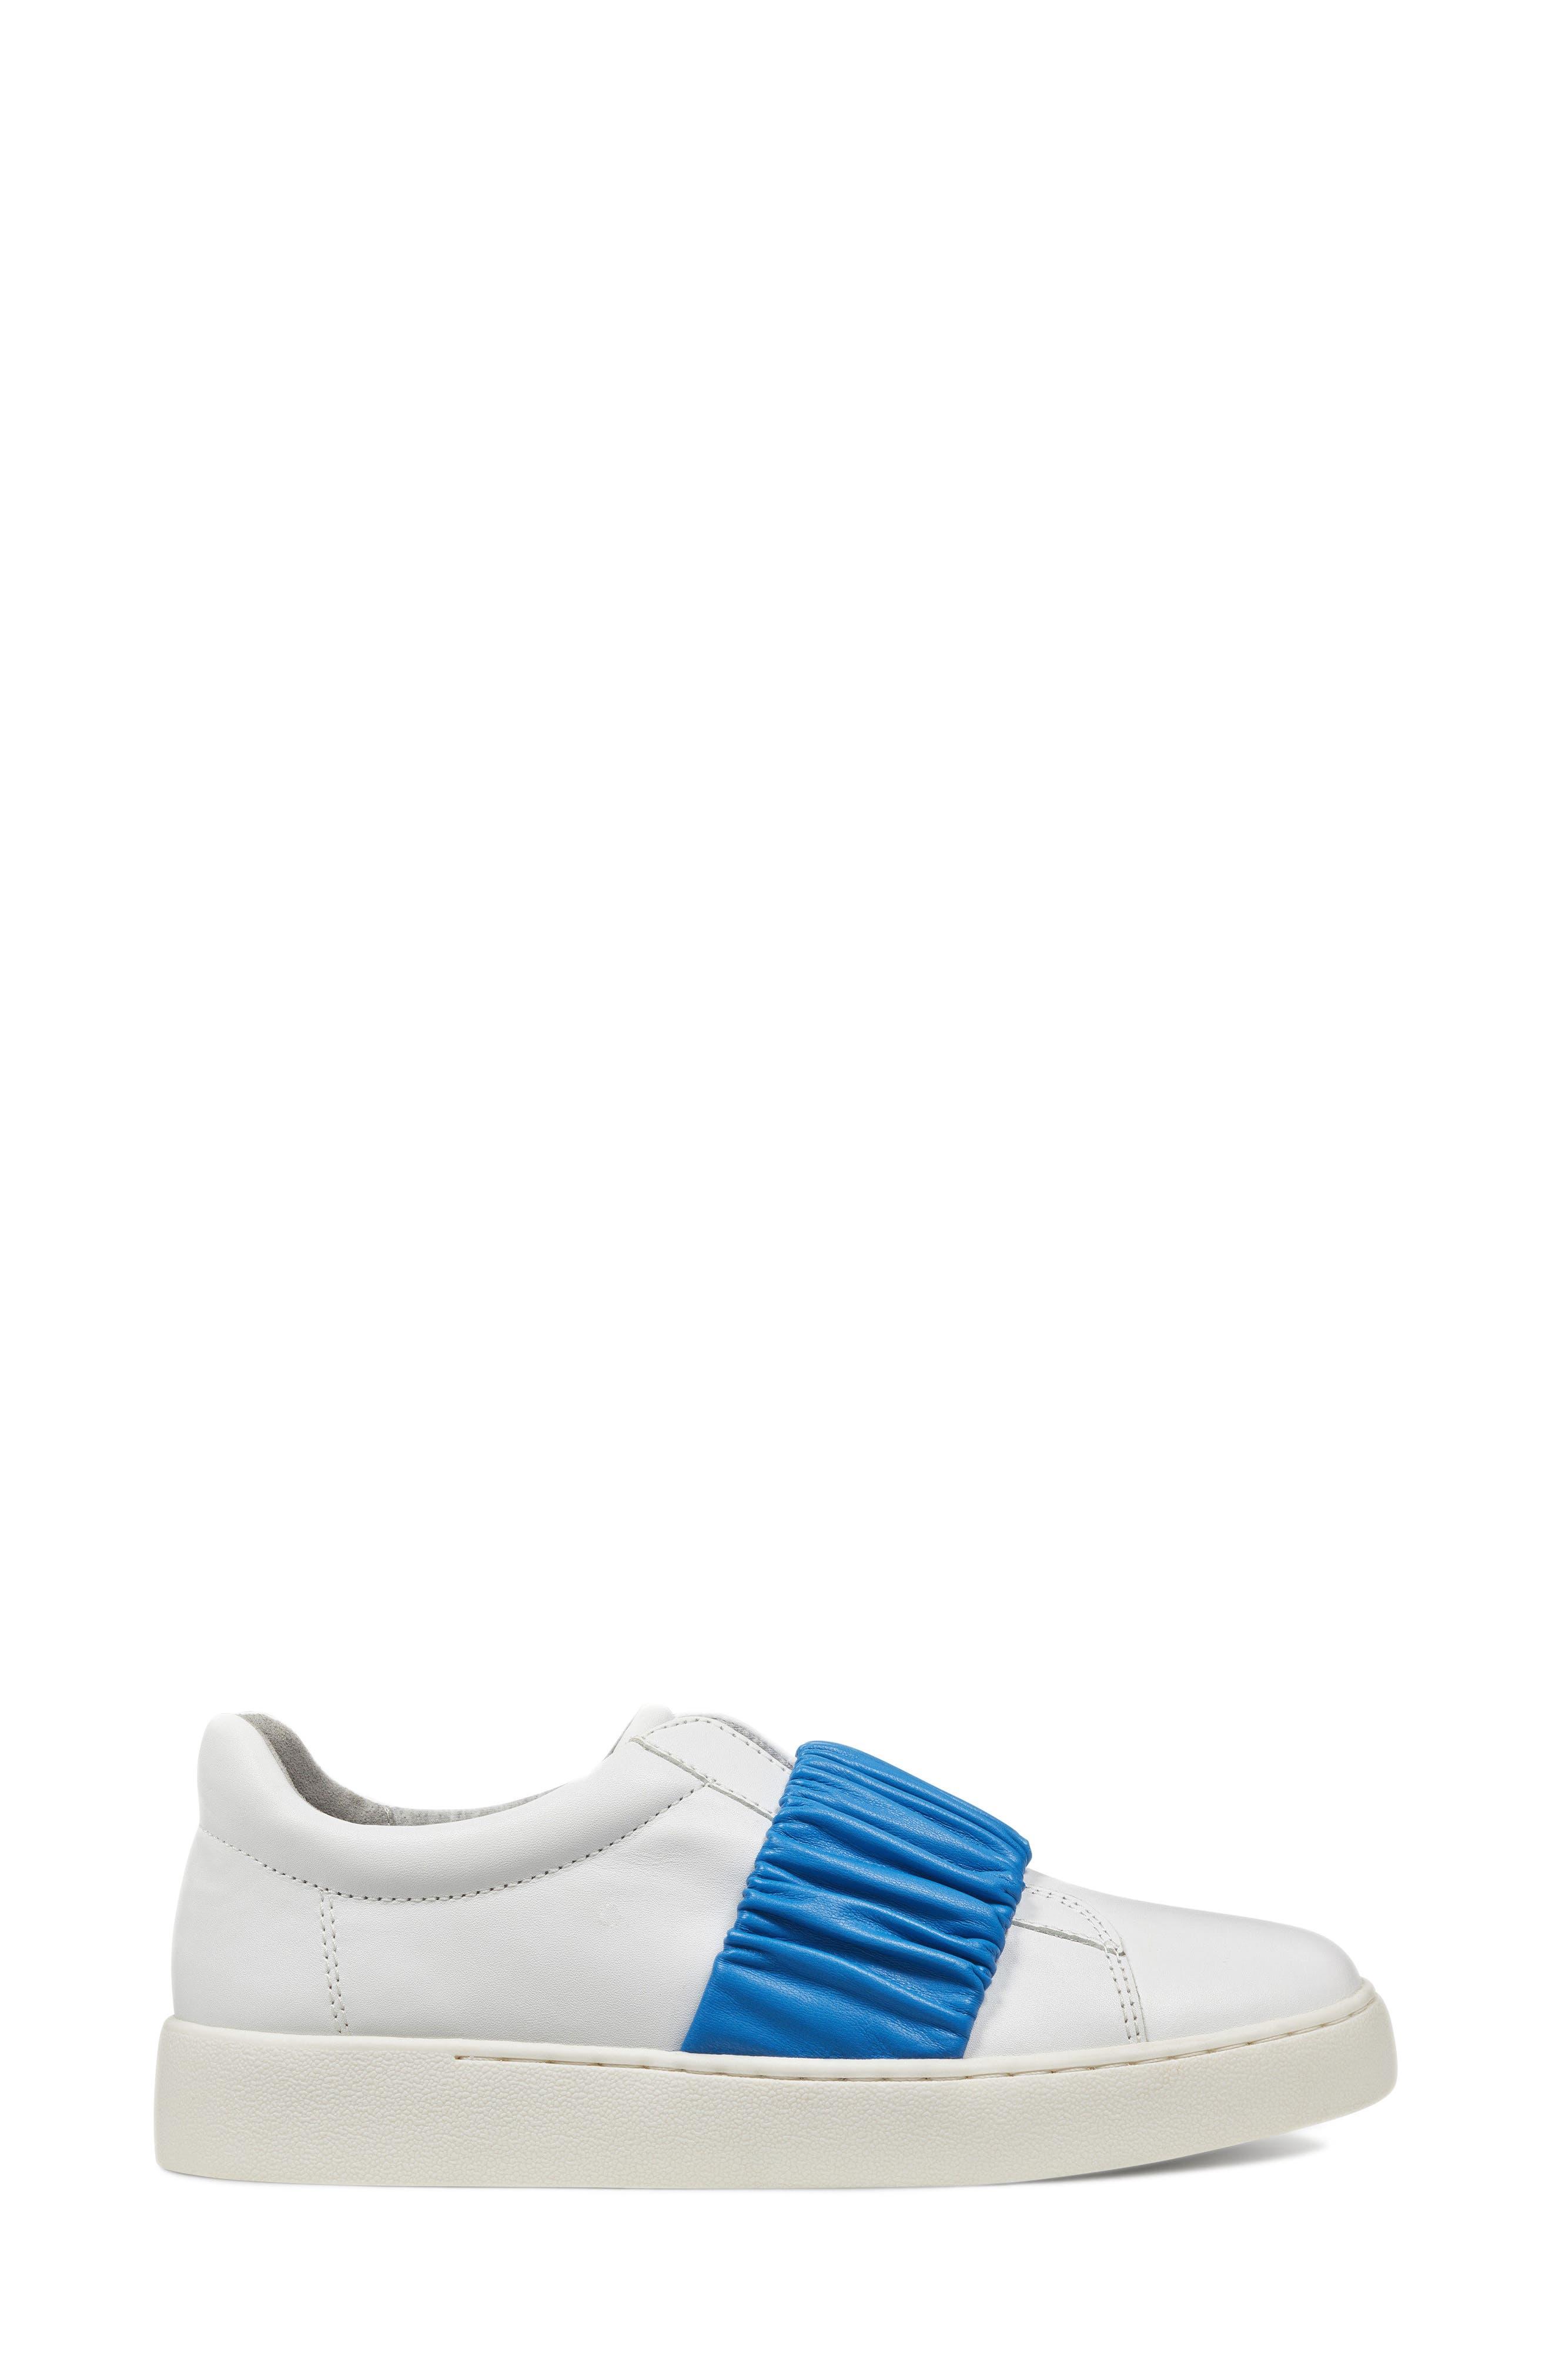 Alternate Image 3  - Nine West Pindiviah Slip-On Sneaker (Women)